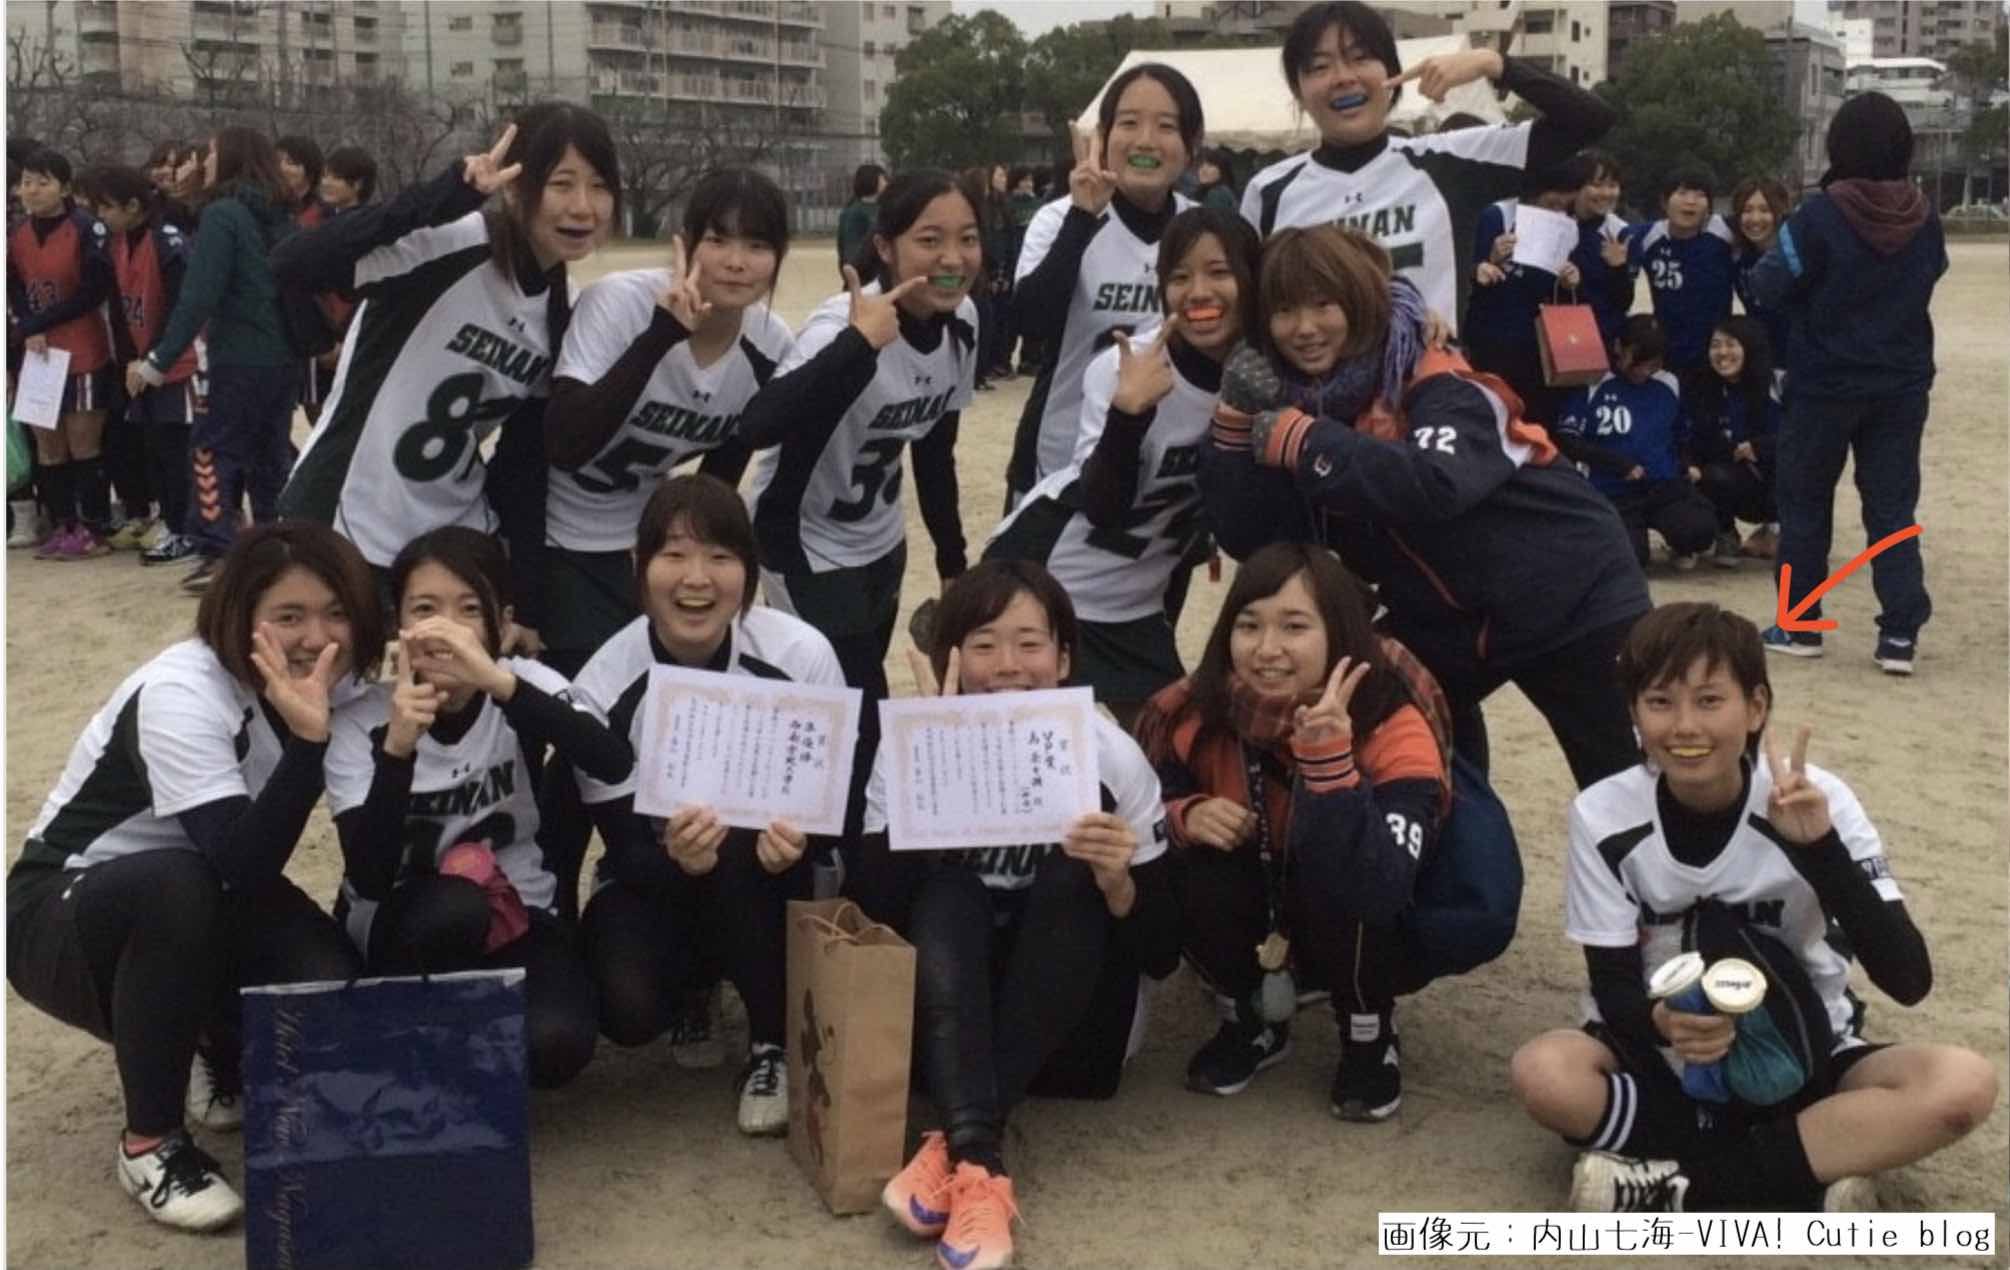 内山七海女子競艇選手(ボートレーサー)のやってたラクロス